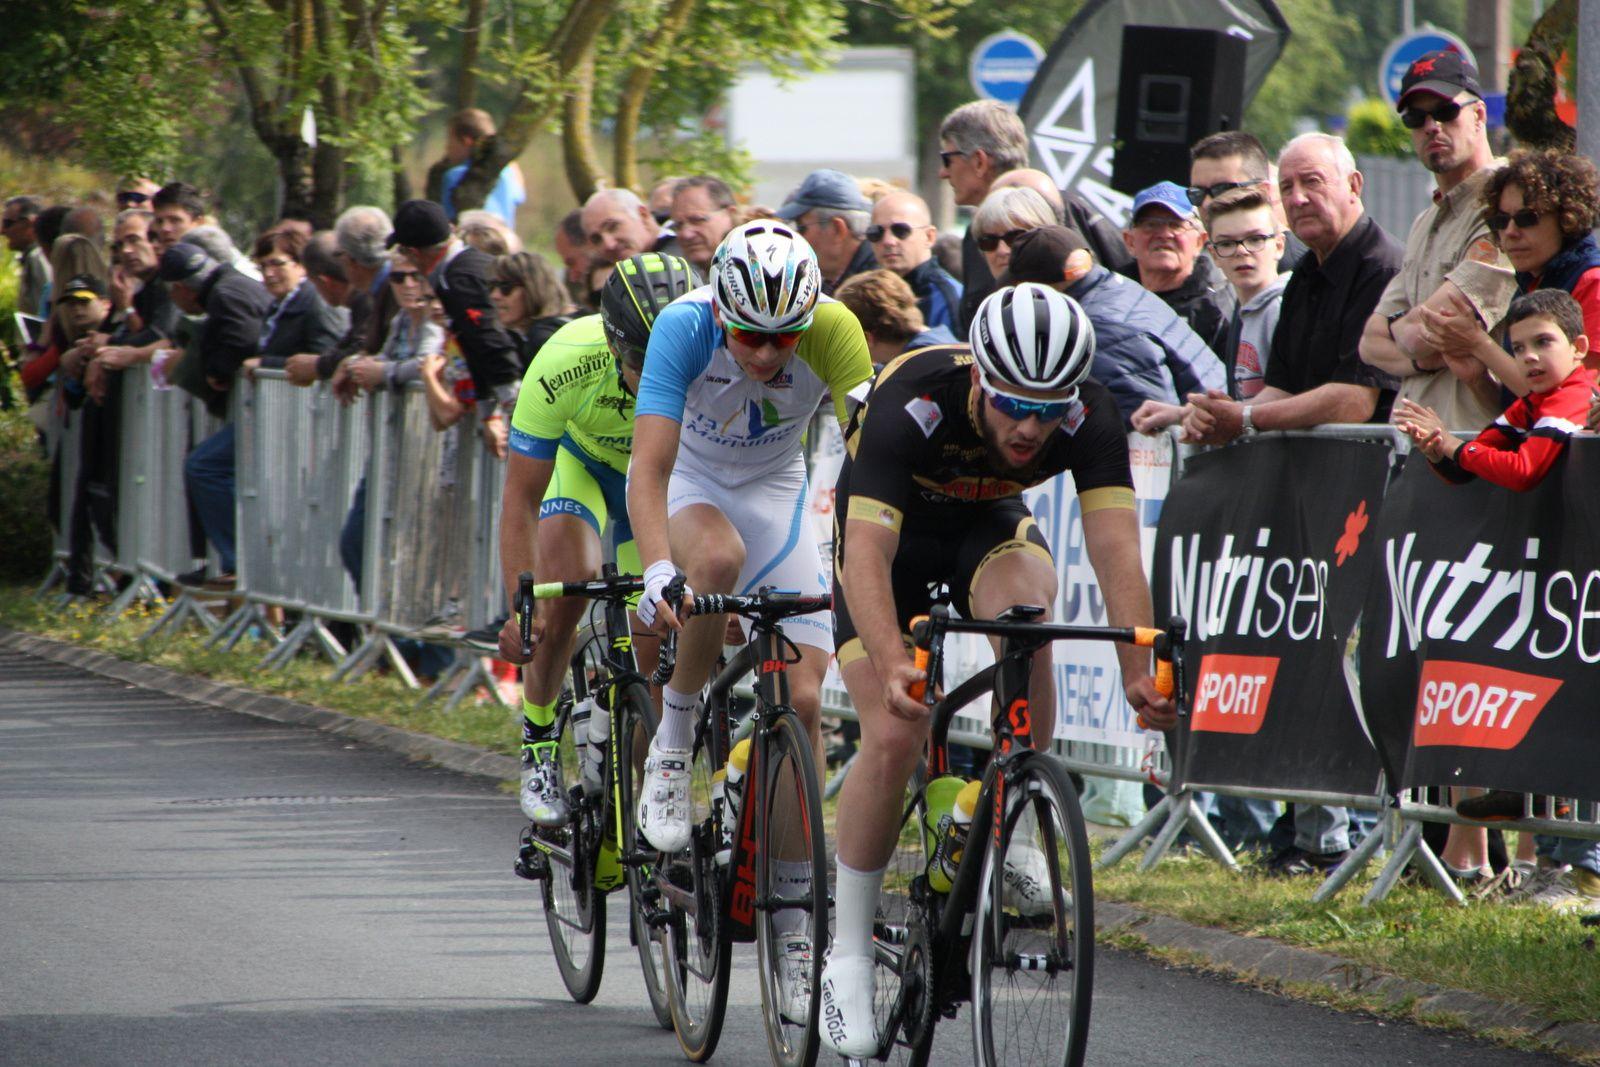 3  coureurs  sont  échappés, ils  s'agit  d'Erwan  MORIN, Cyril  VIGIER  et Paul  FOURNIER.